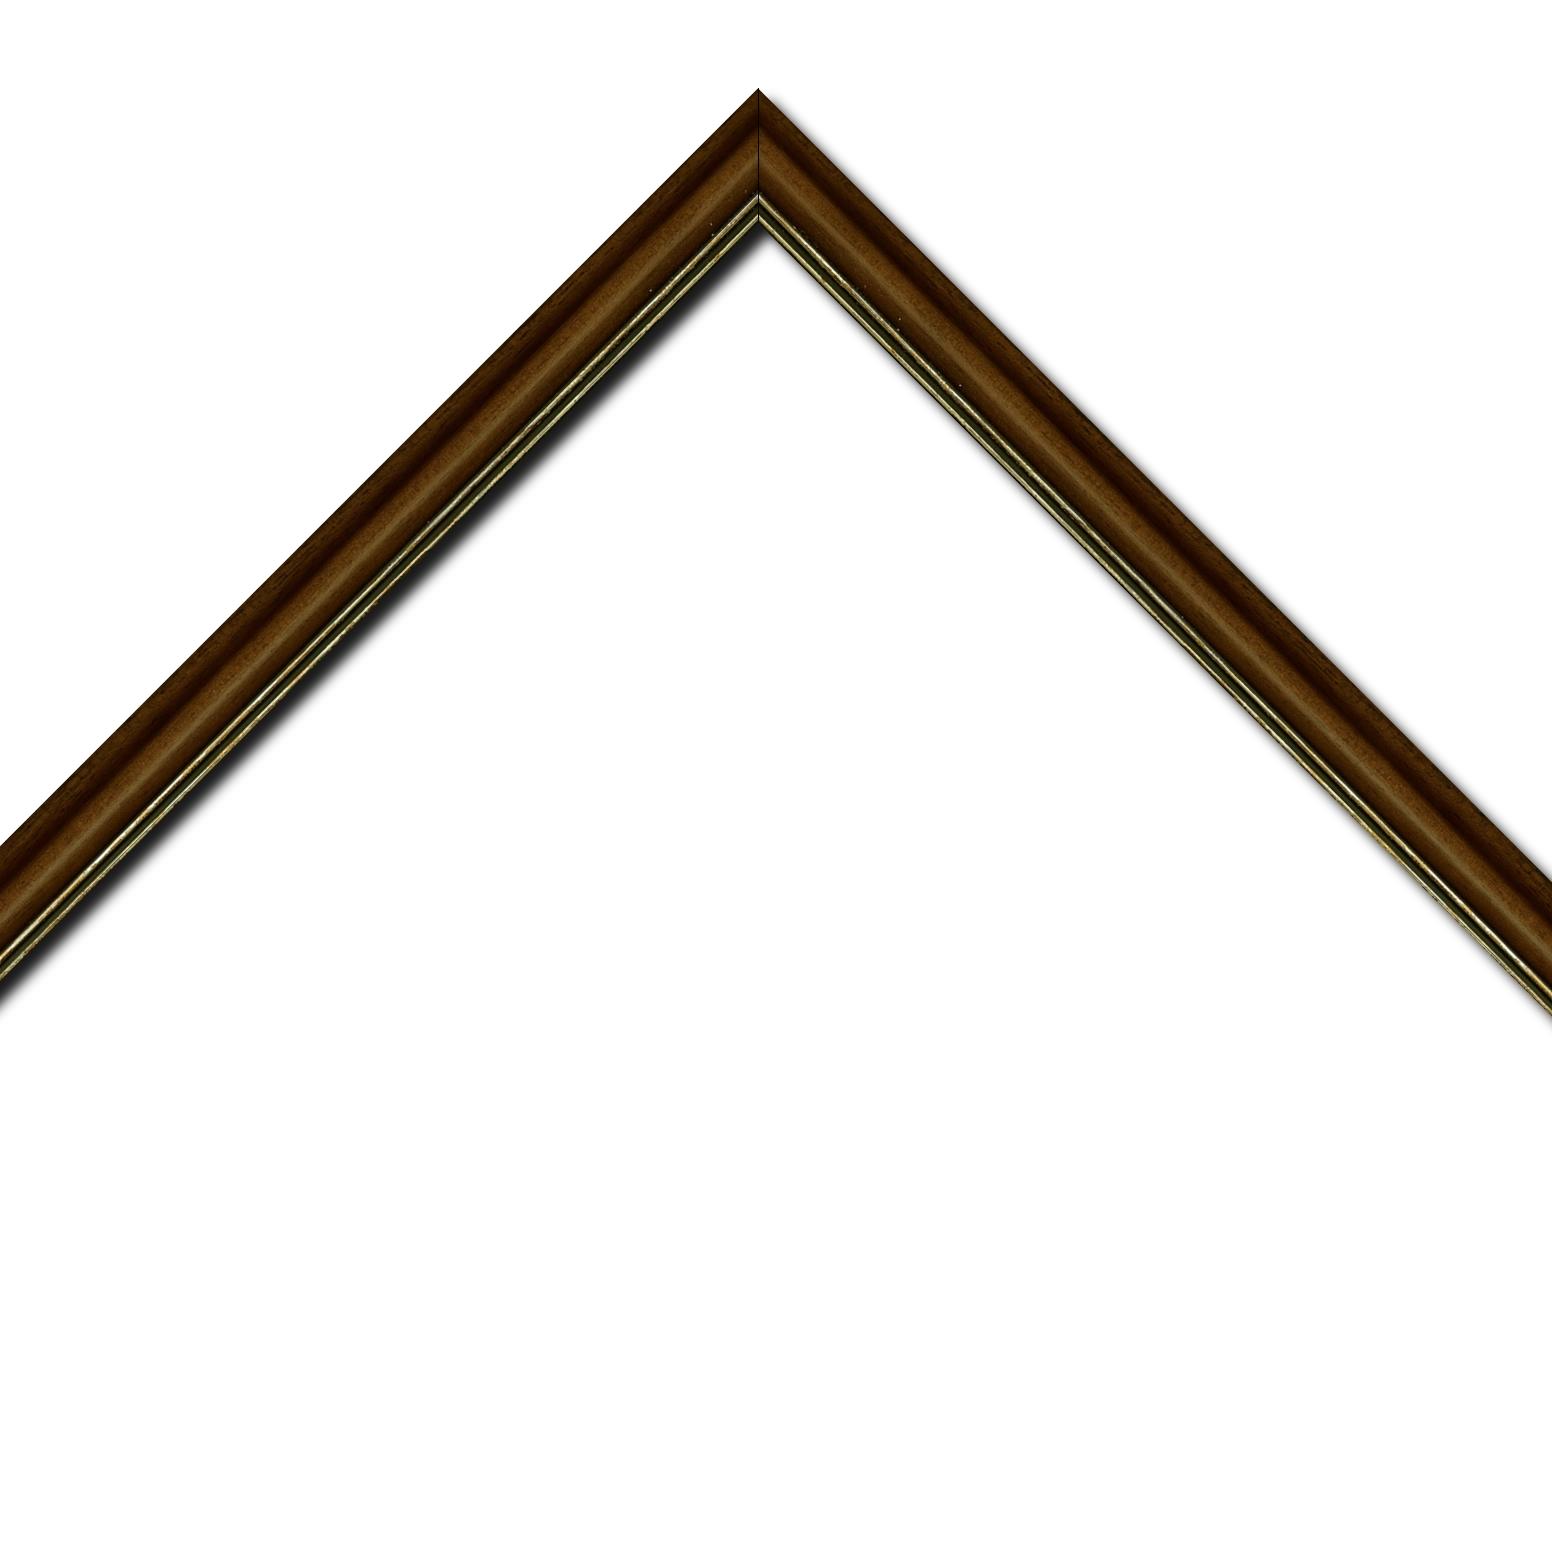 Baguette bois profil doucine inversée largeur 2.3cm marron satiné double filet or